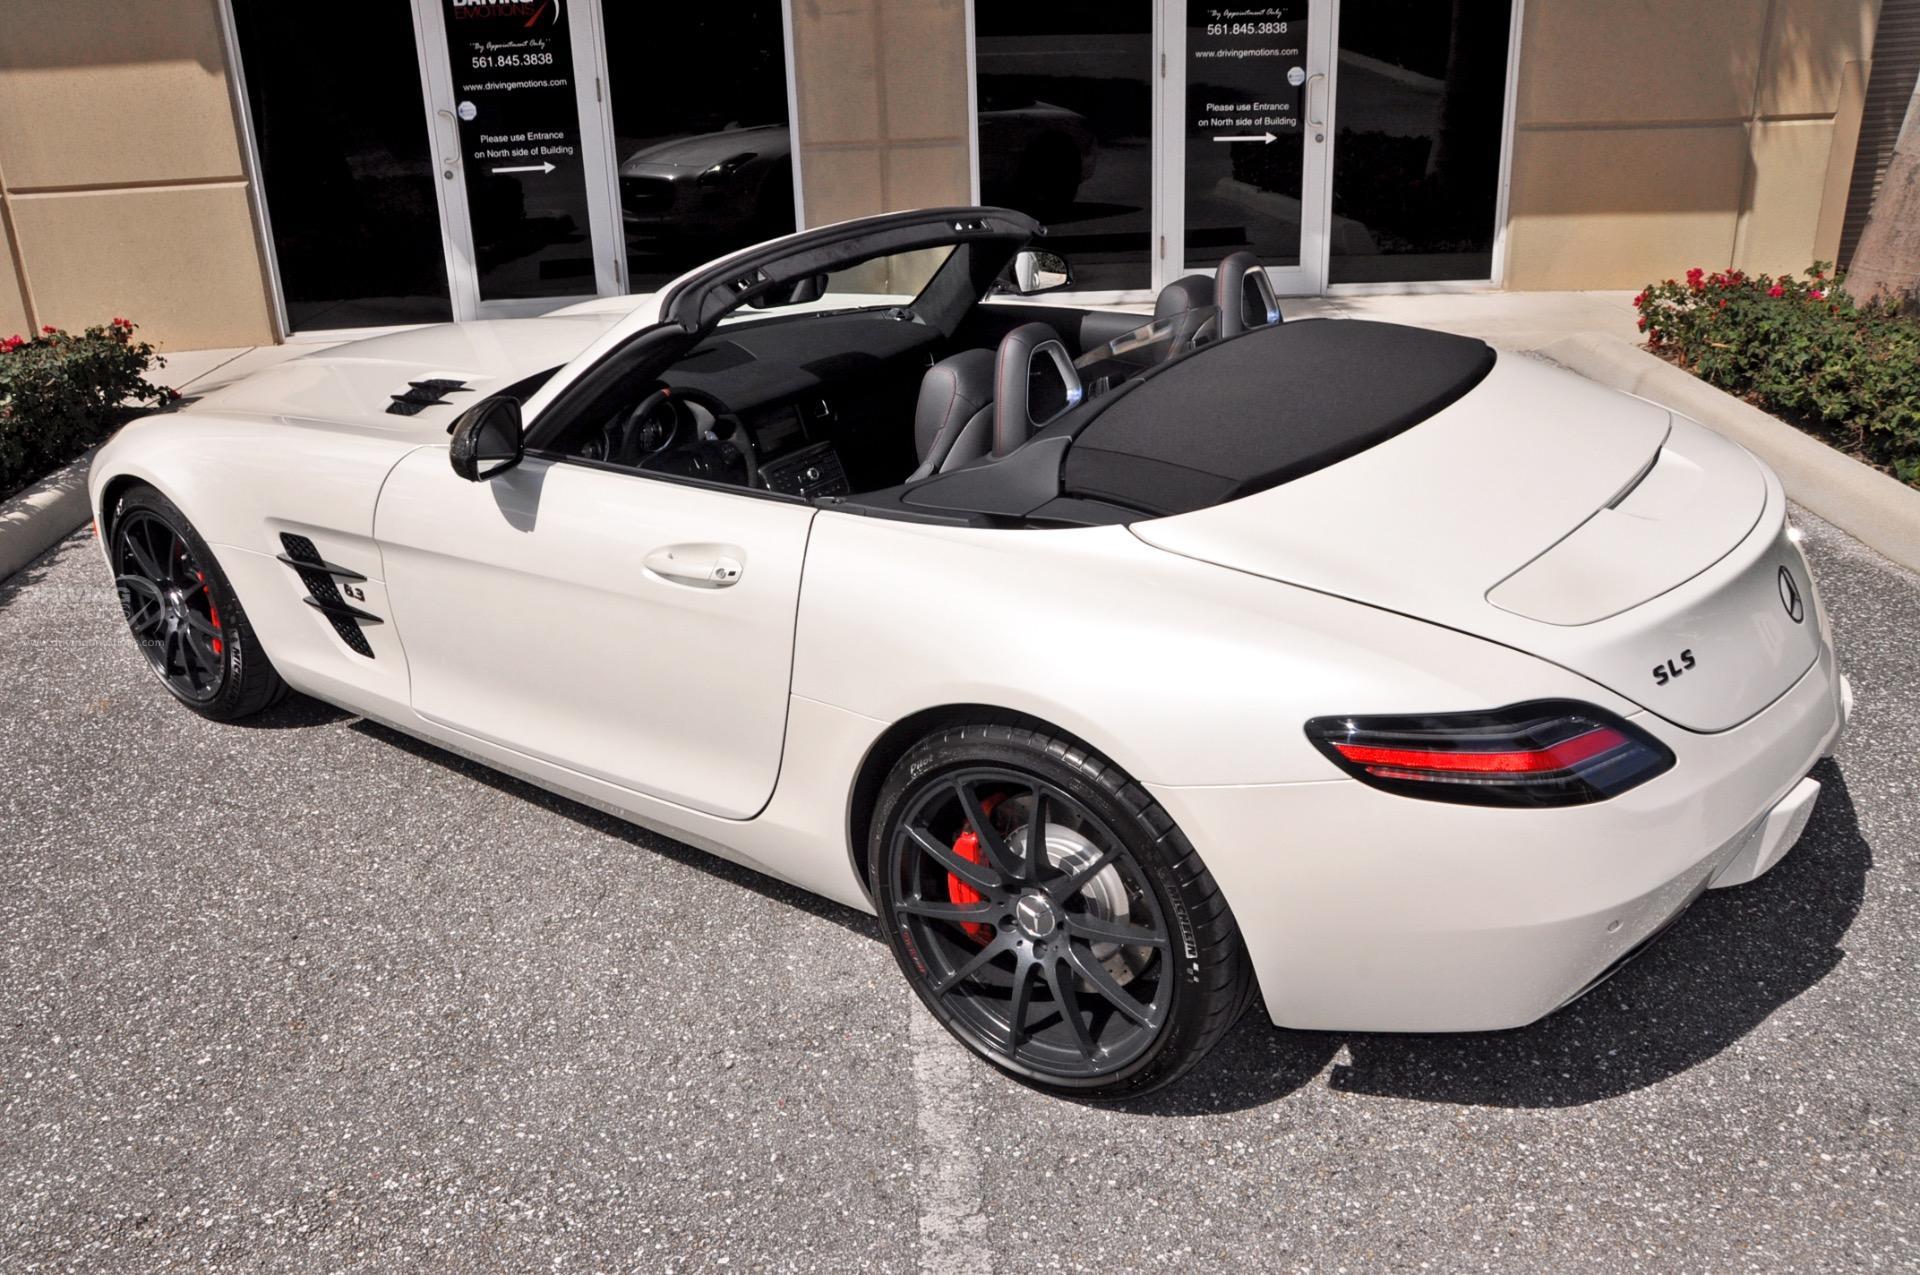 2014 mercedes benz sls amg gt roadster weistec supercharged sls amg gt roadster stock 5861 for. Black Bedroom Furniture Sets. Home Design Ideas